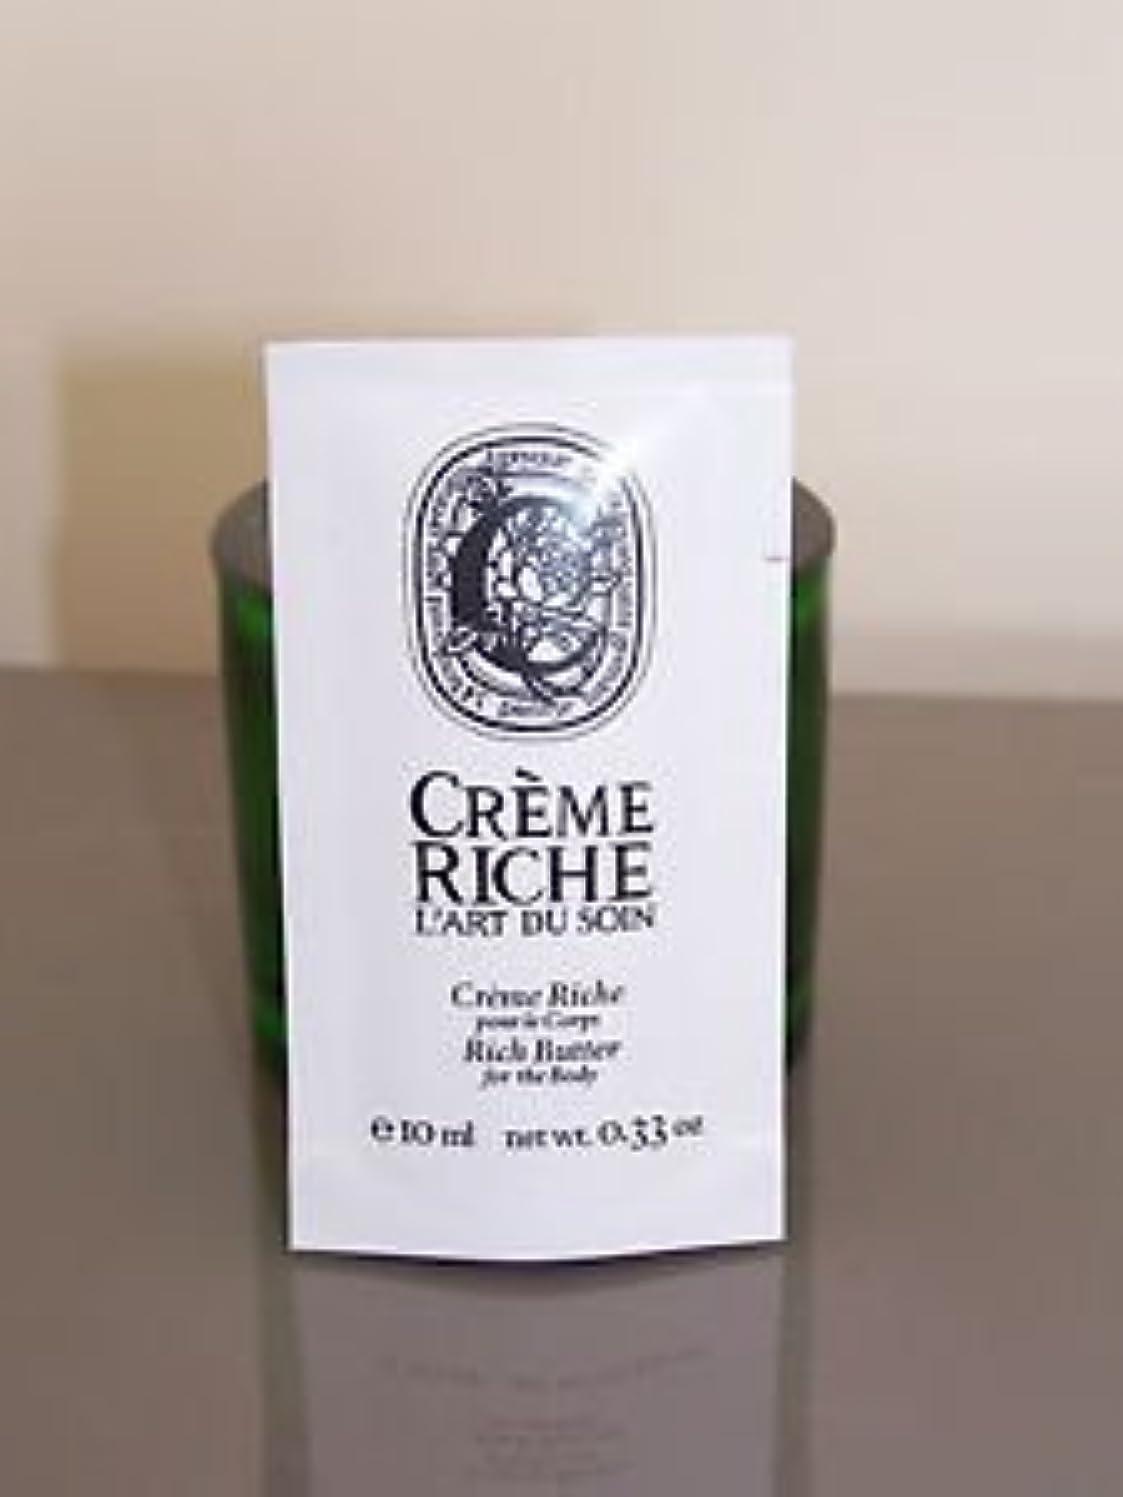 ルビー公爵夫人道路Diptyque Creme Riche (ディプティック クレーム リッチ) 0.33 oz (10ml) ボディーバター (ボディークリーム) サンプル for Women